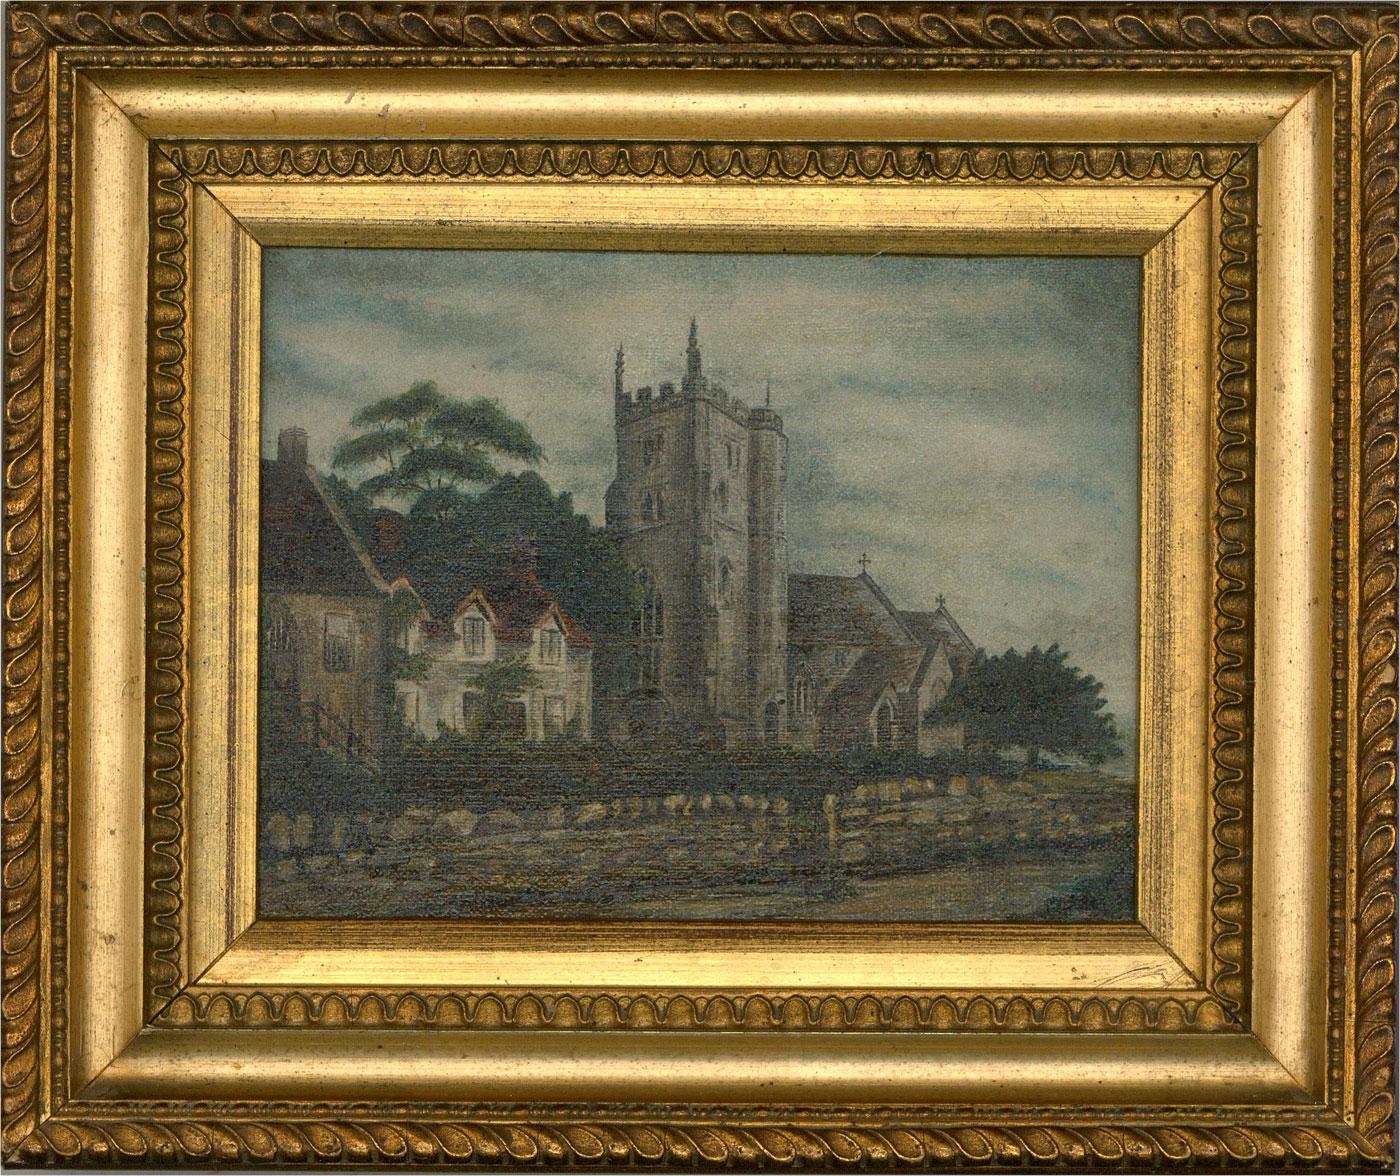 E.H - Mid 20th Century Oil, East Knoyle Church